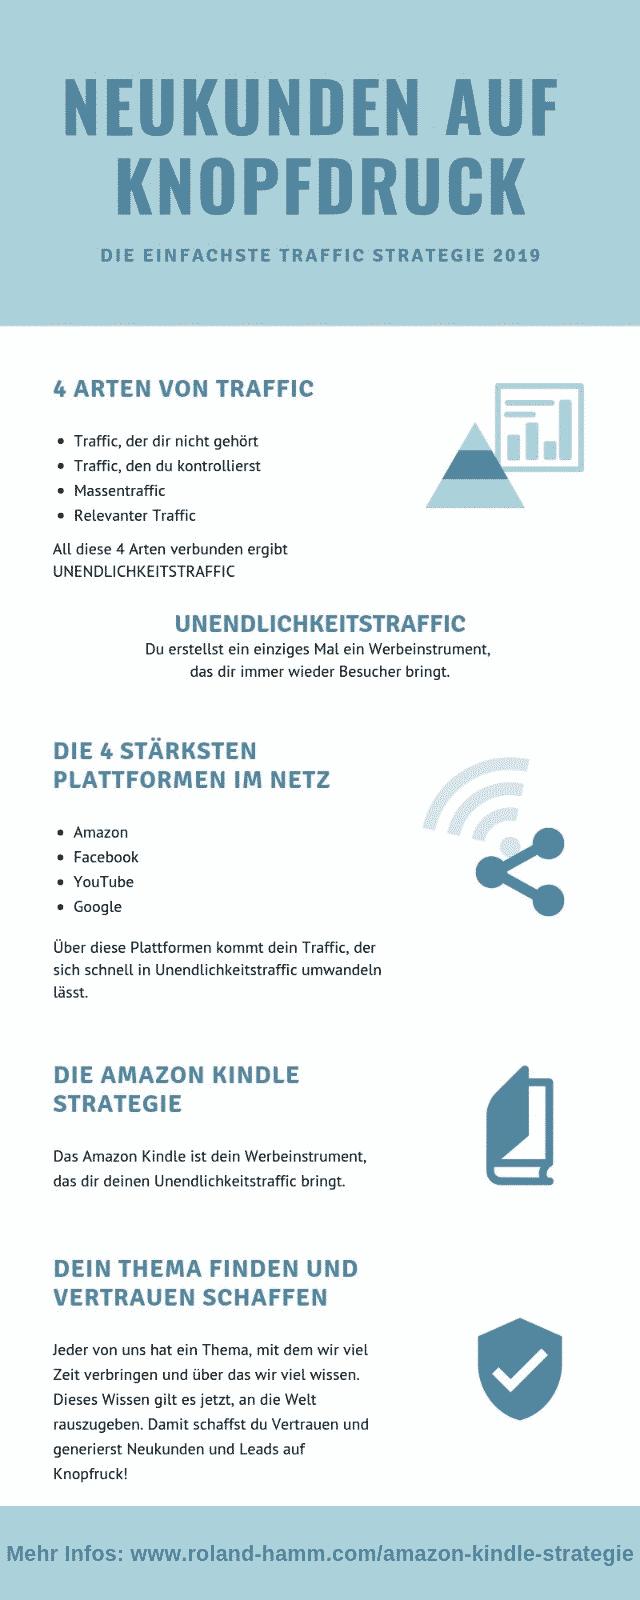 Die Amazon Kindle Strategie